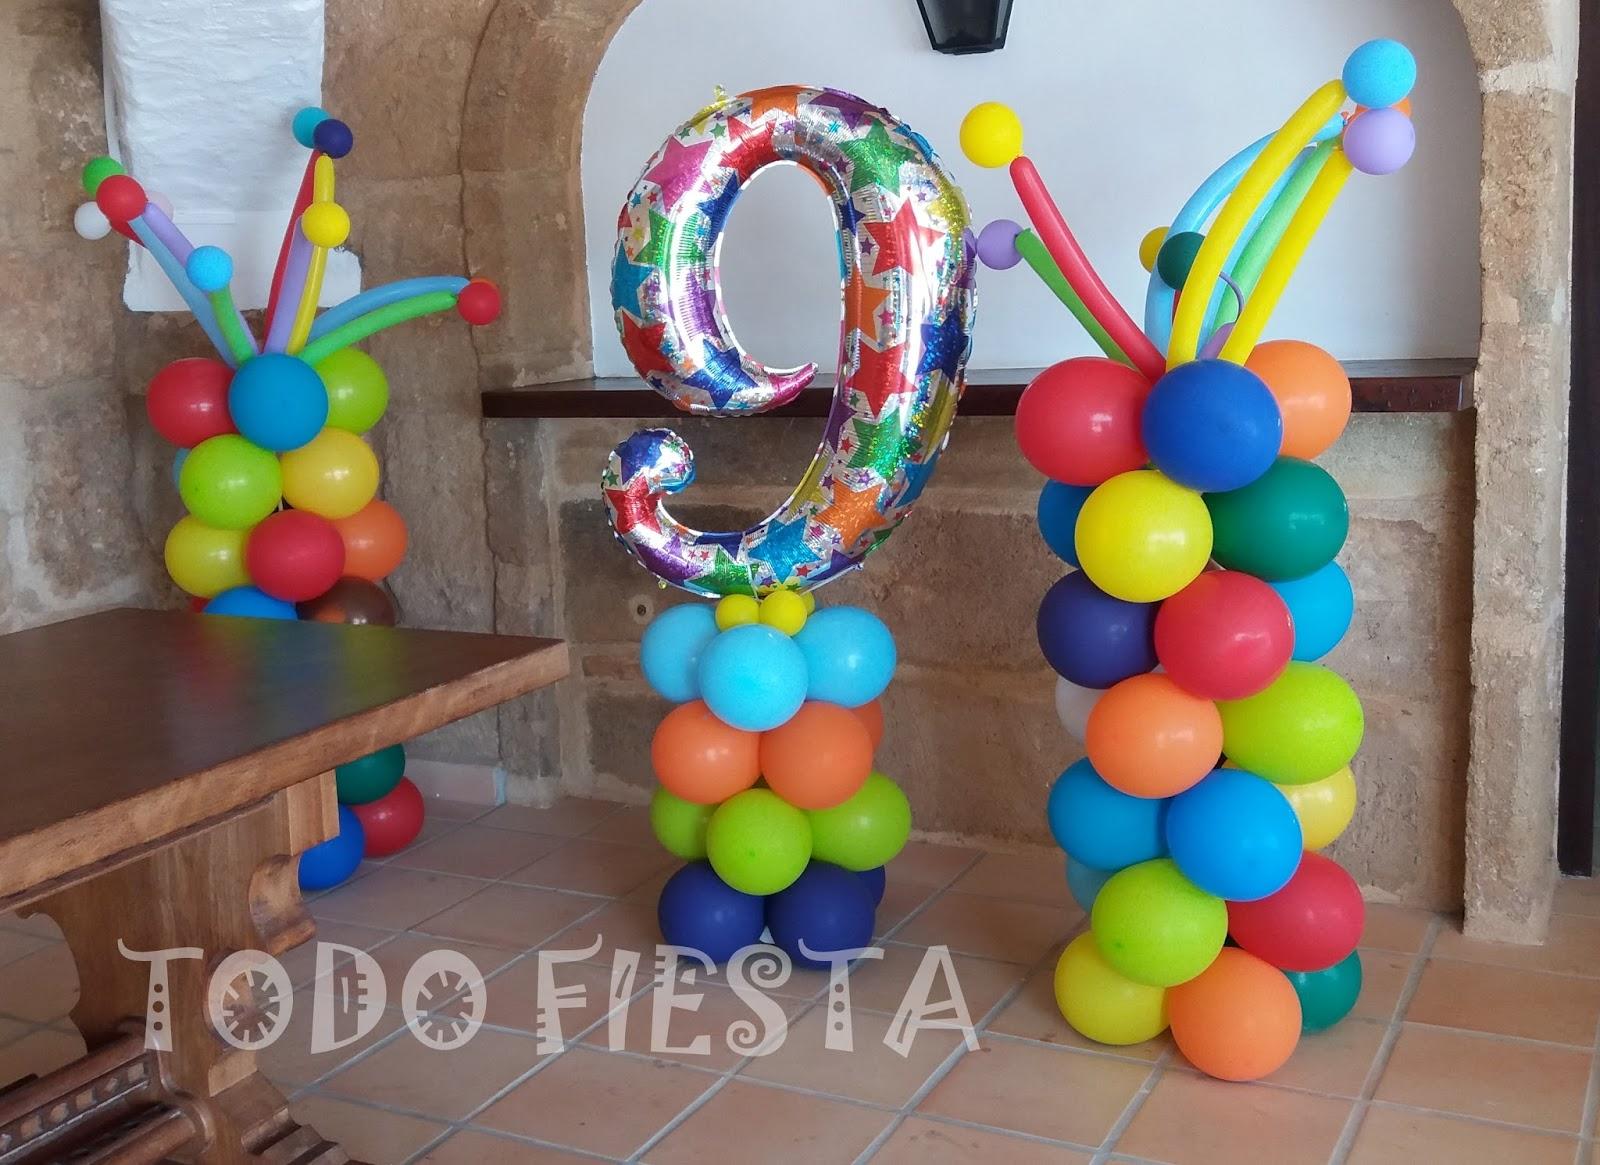 Decoraci n con globos de todo fiesta decoraciones para - Decoracion fiesta de cumpleanos infantil ...